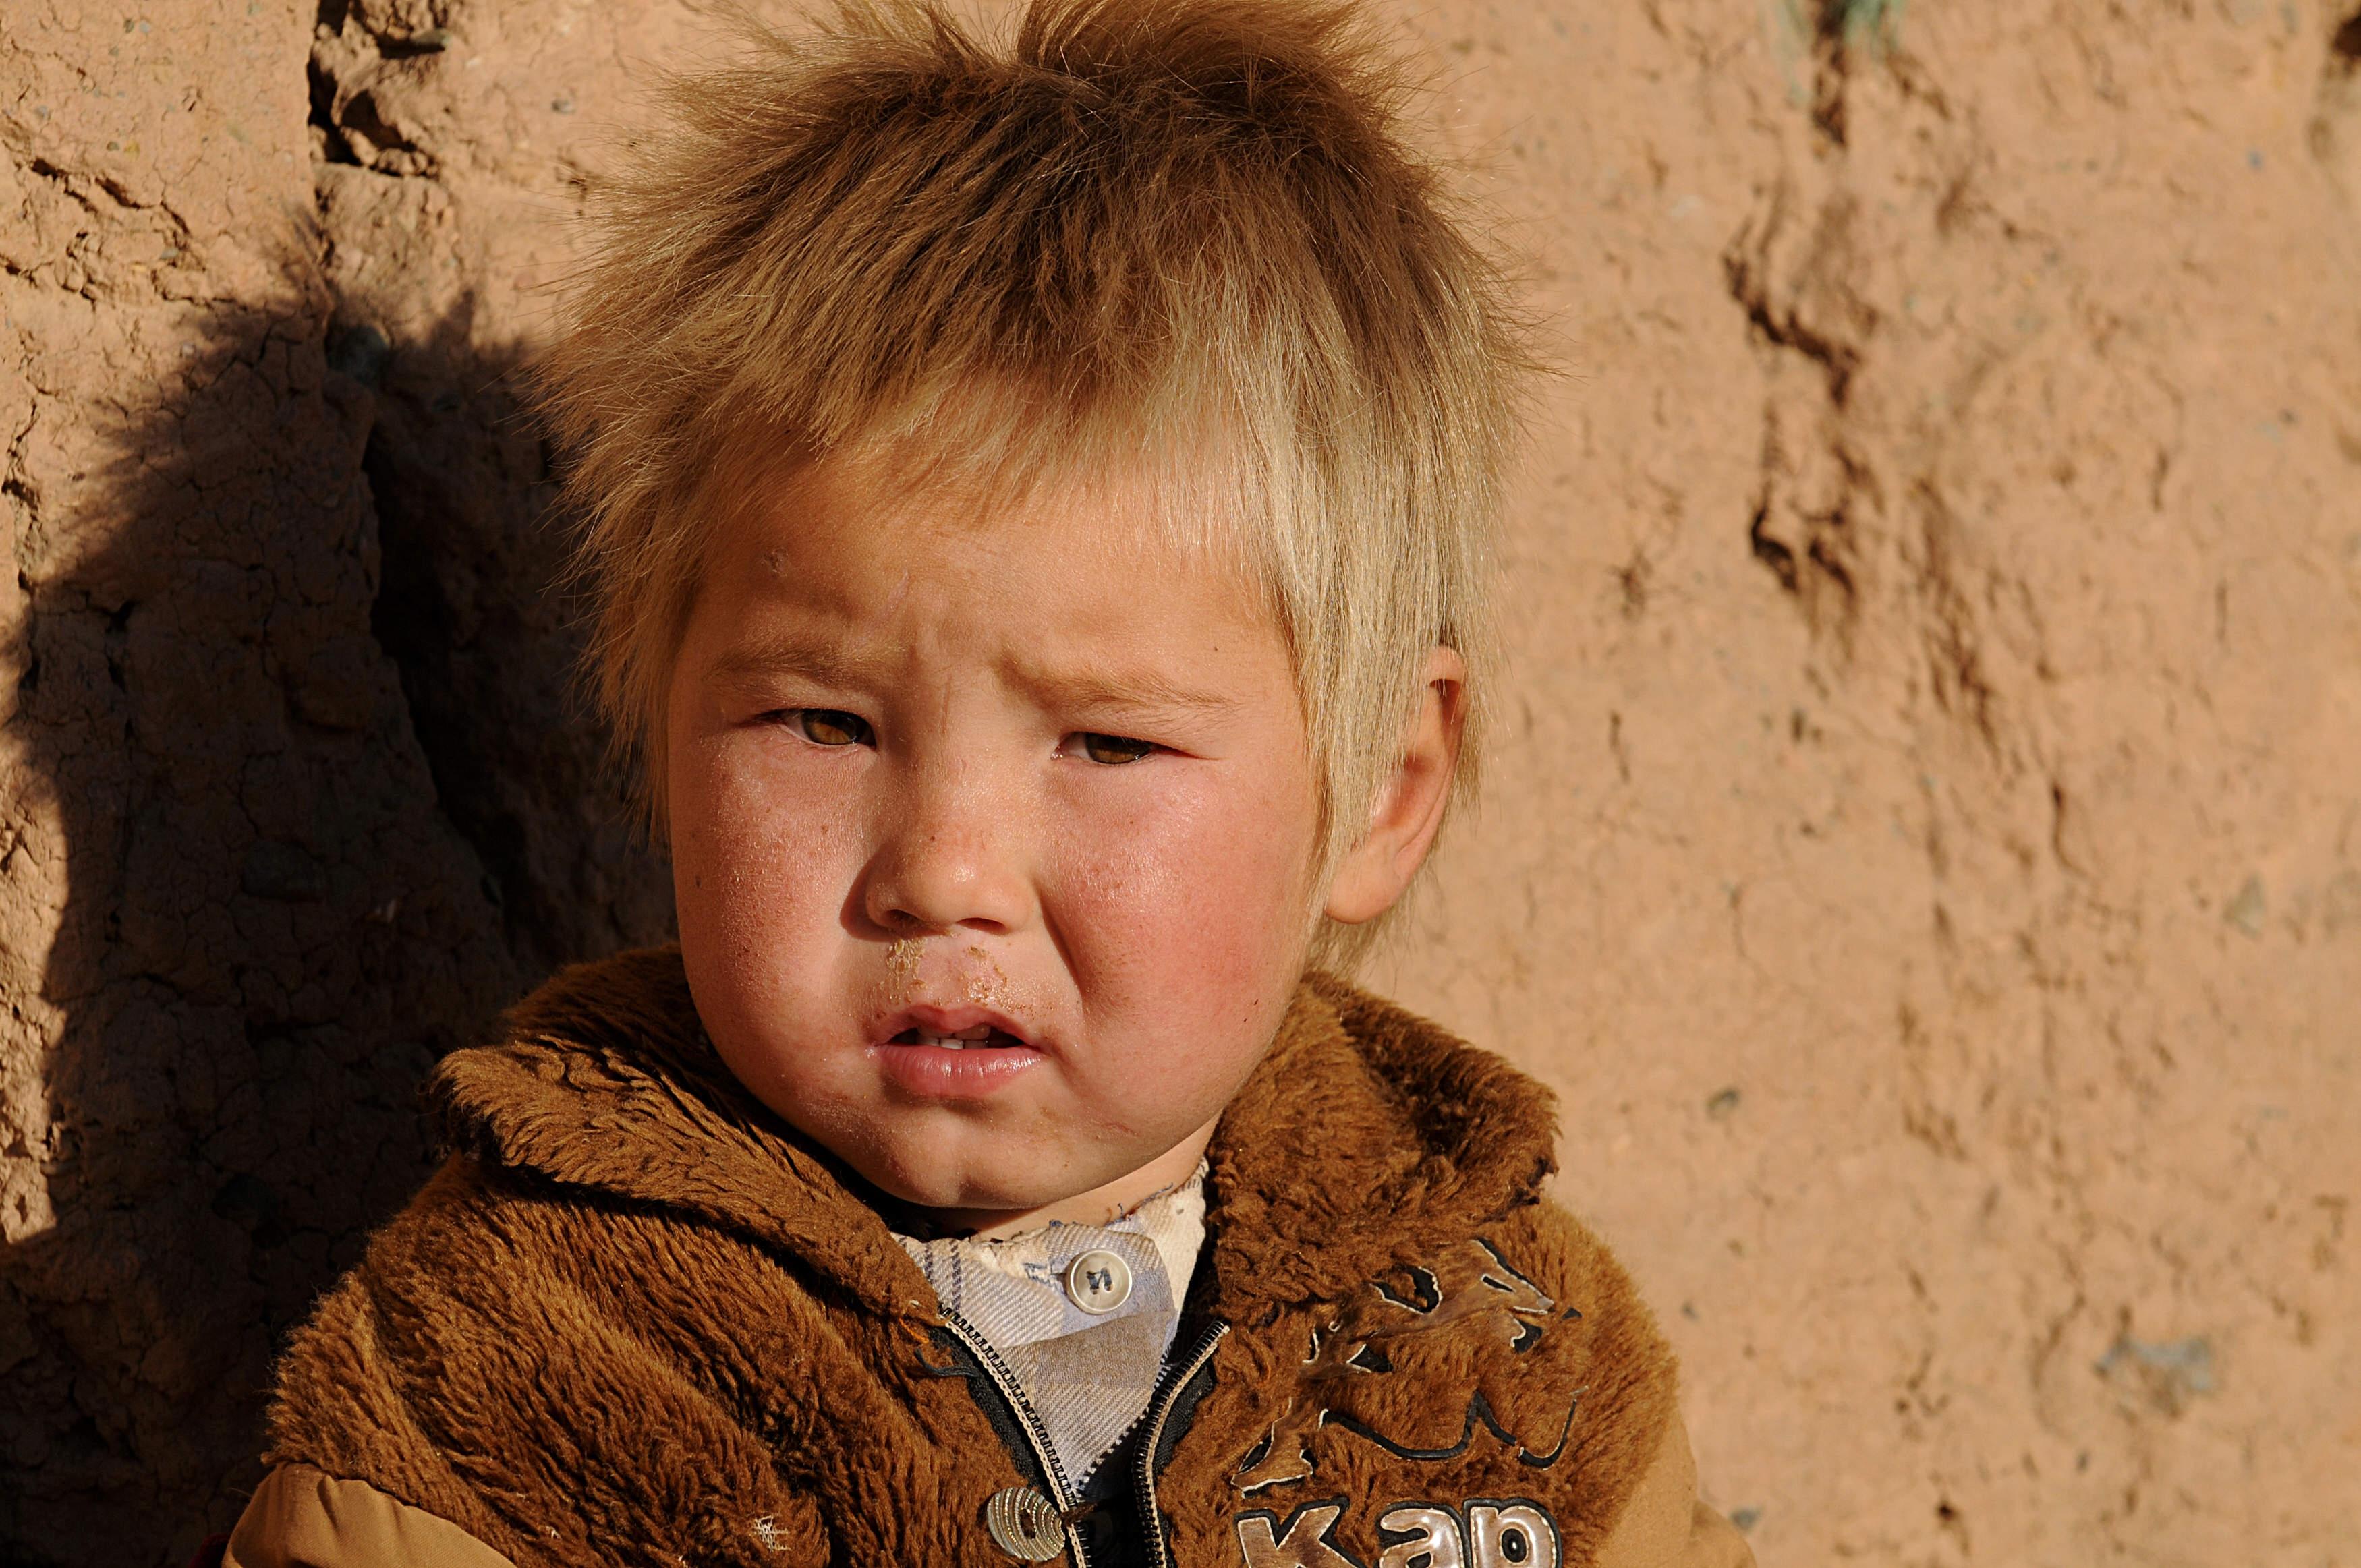 Фото чистокровного узбека рыжего